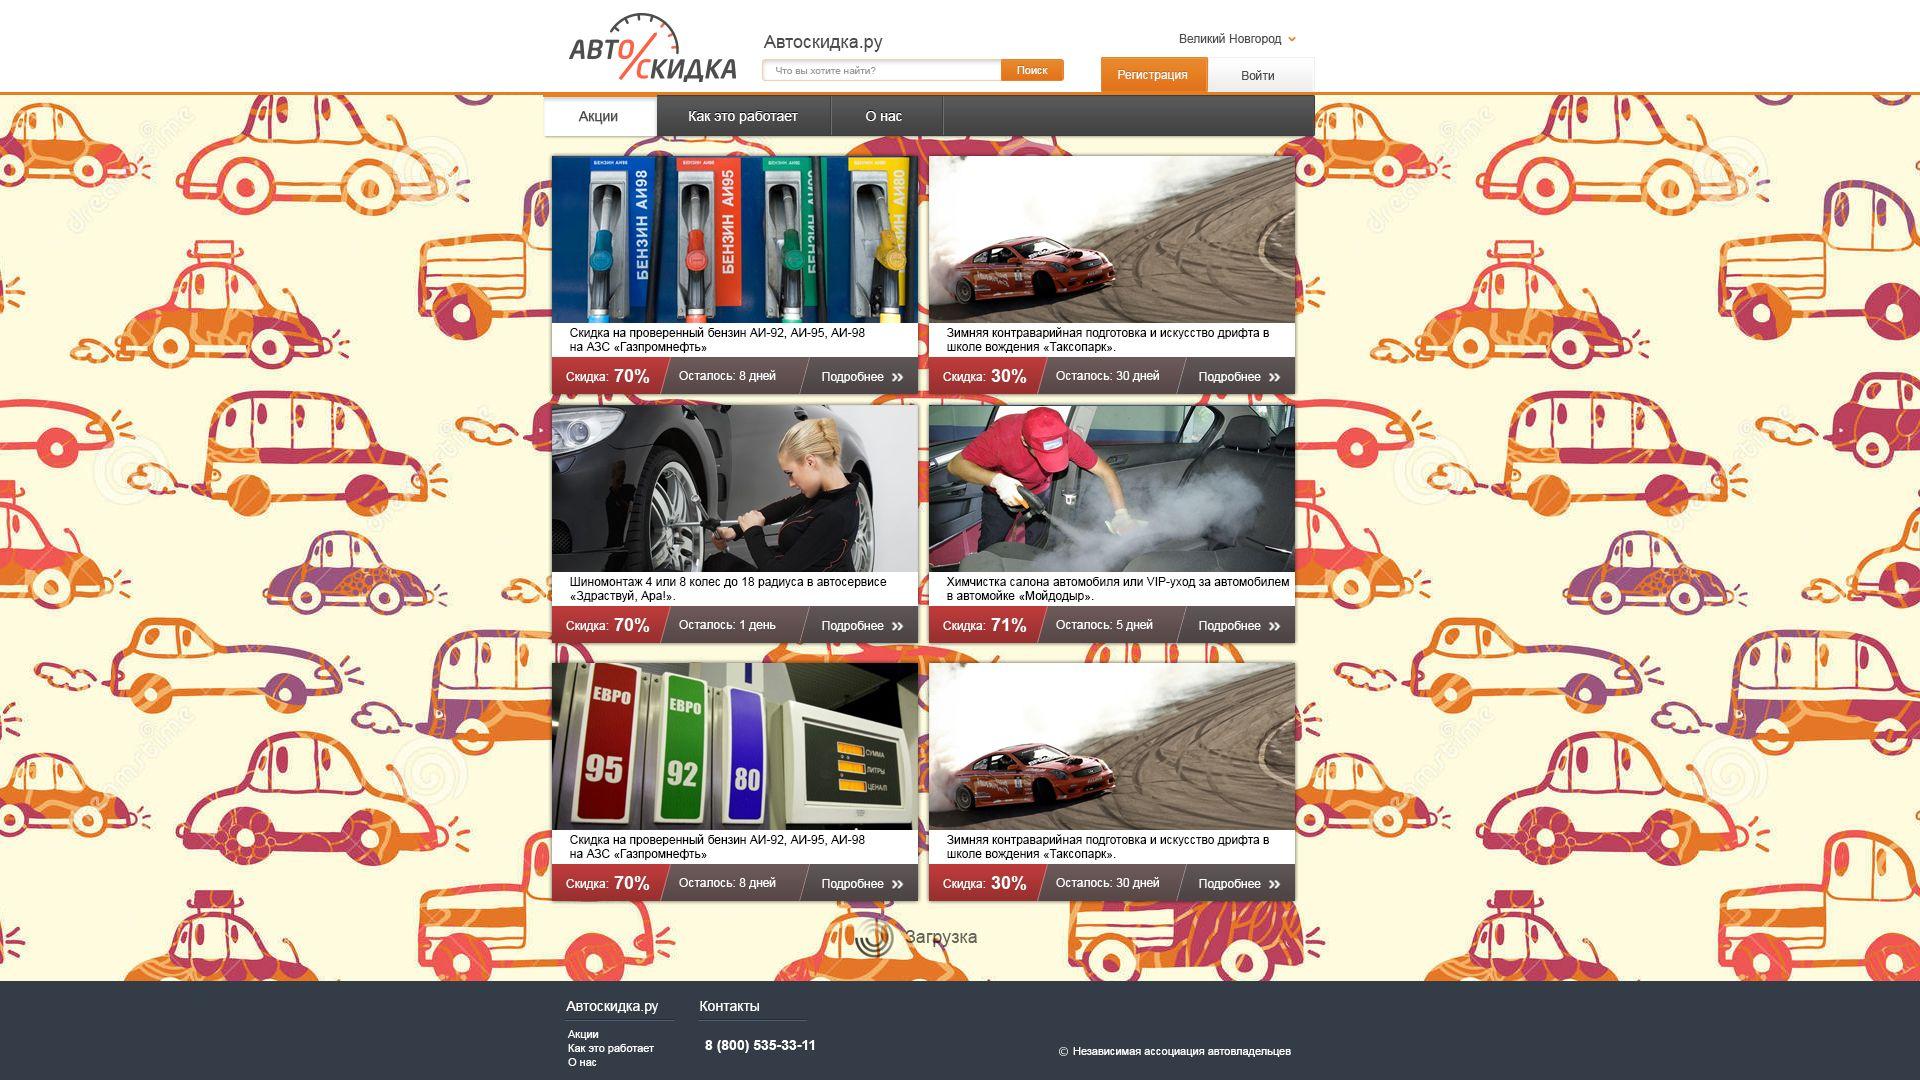 Дизайн сайта со скидками для автовладельцев - дизайнер V01k